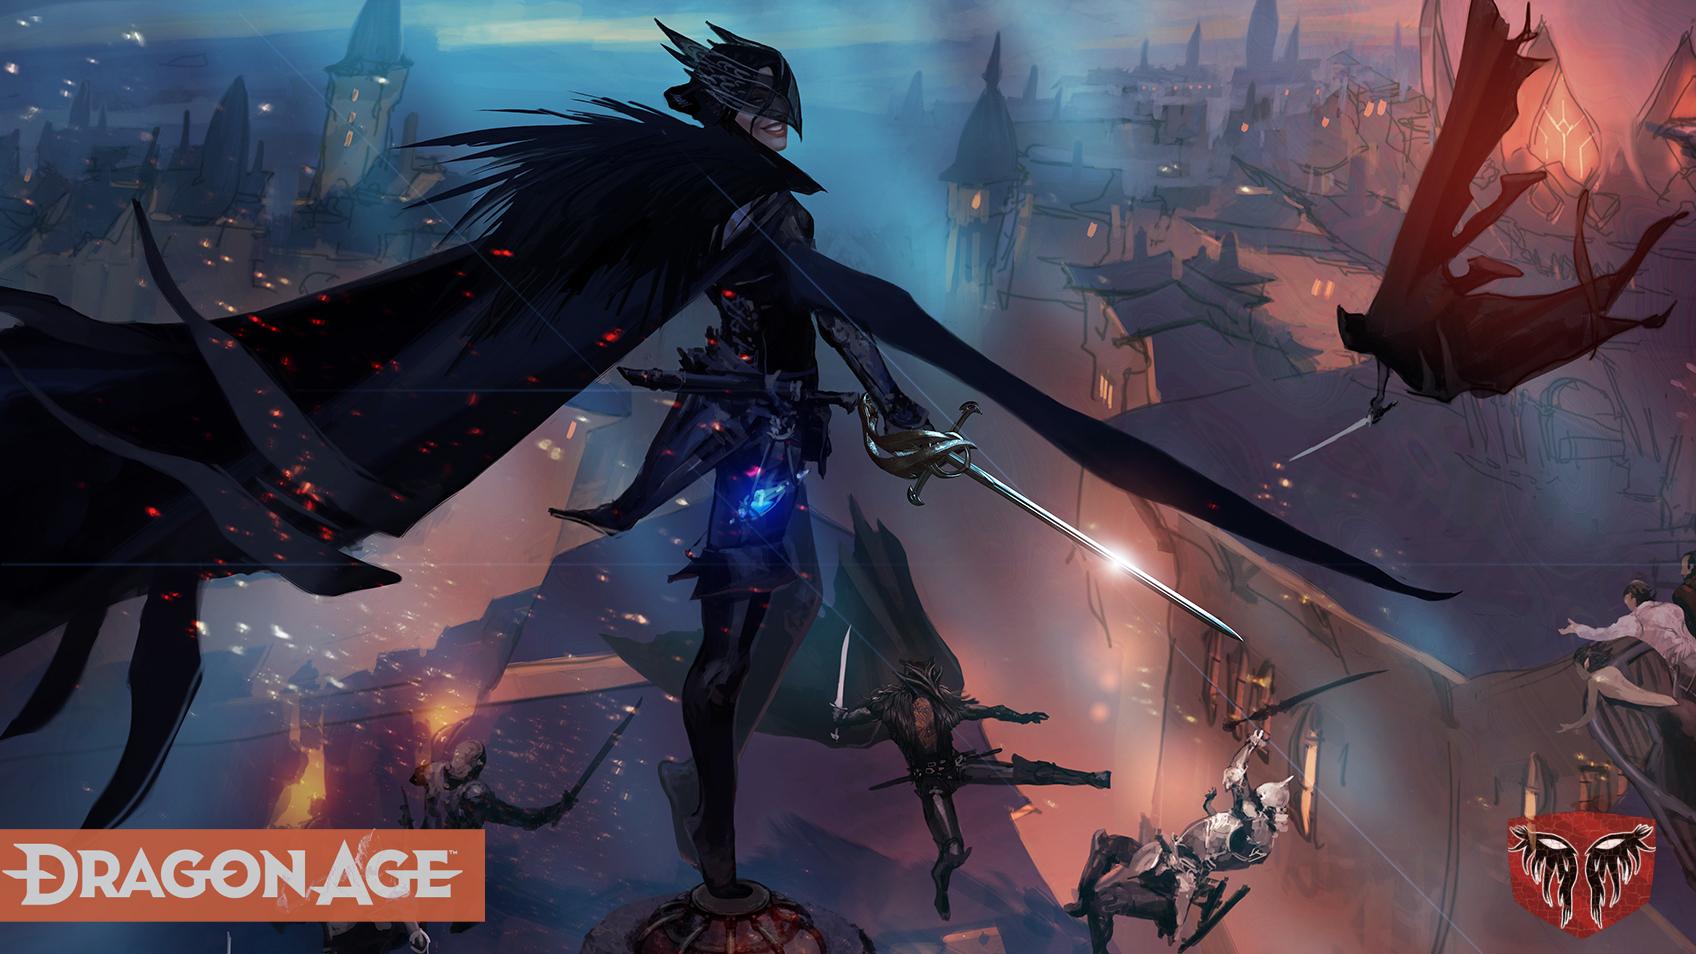 《龙腾世纪 4》公布新概念图 展示全新设计的刺客组织 游戏资讯 第1张